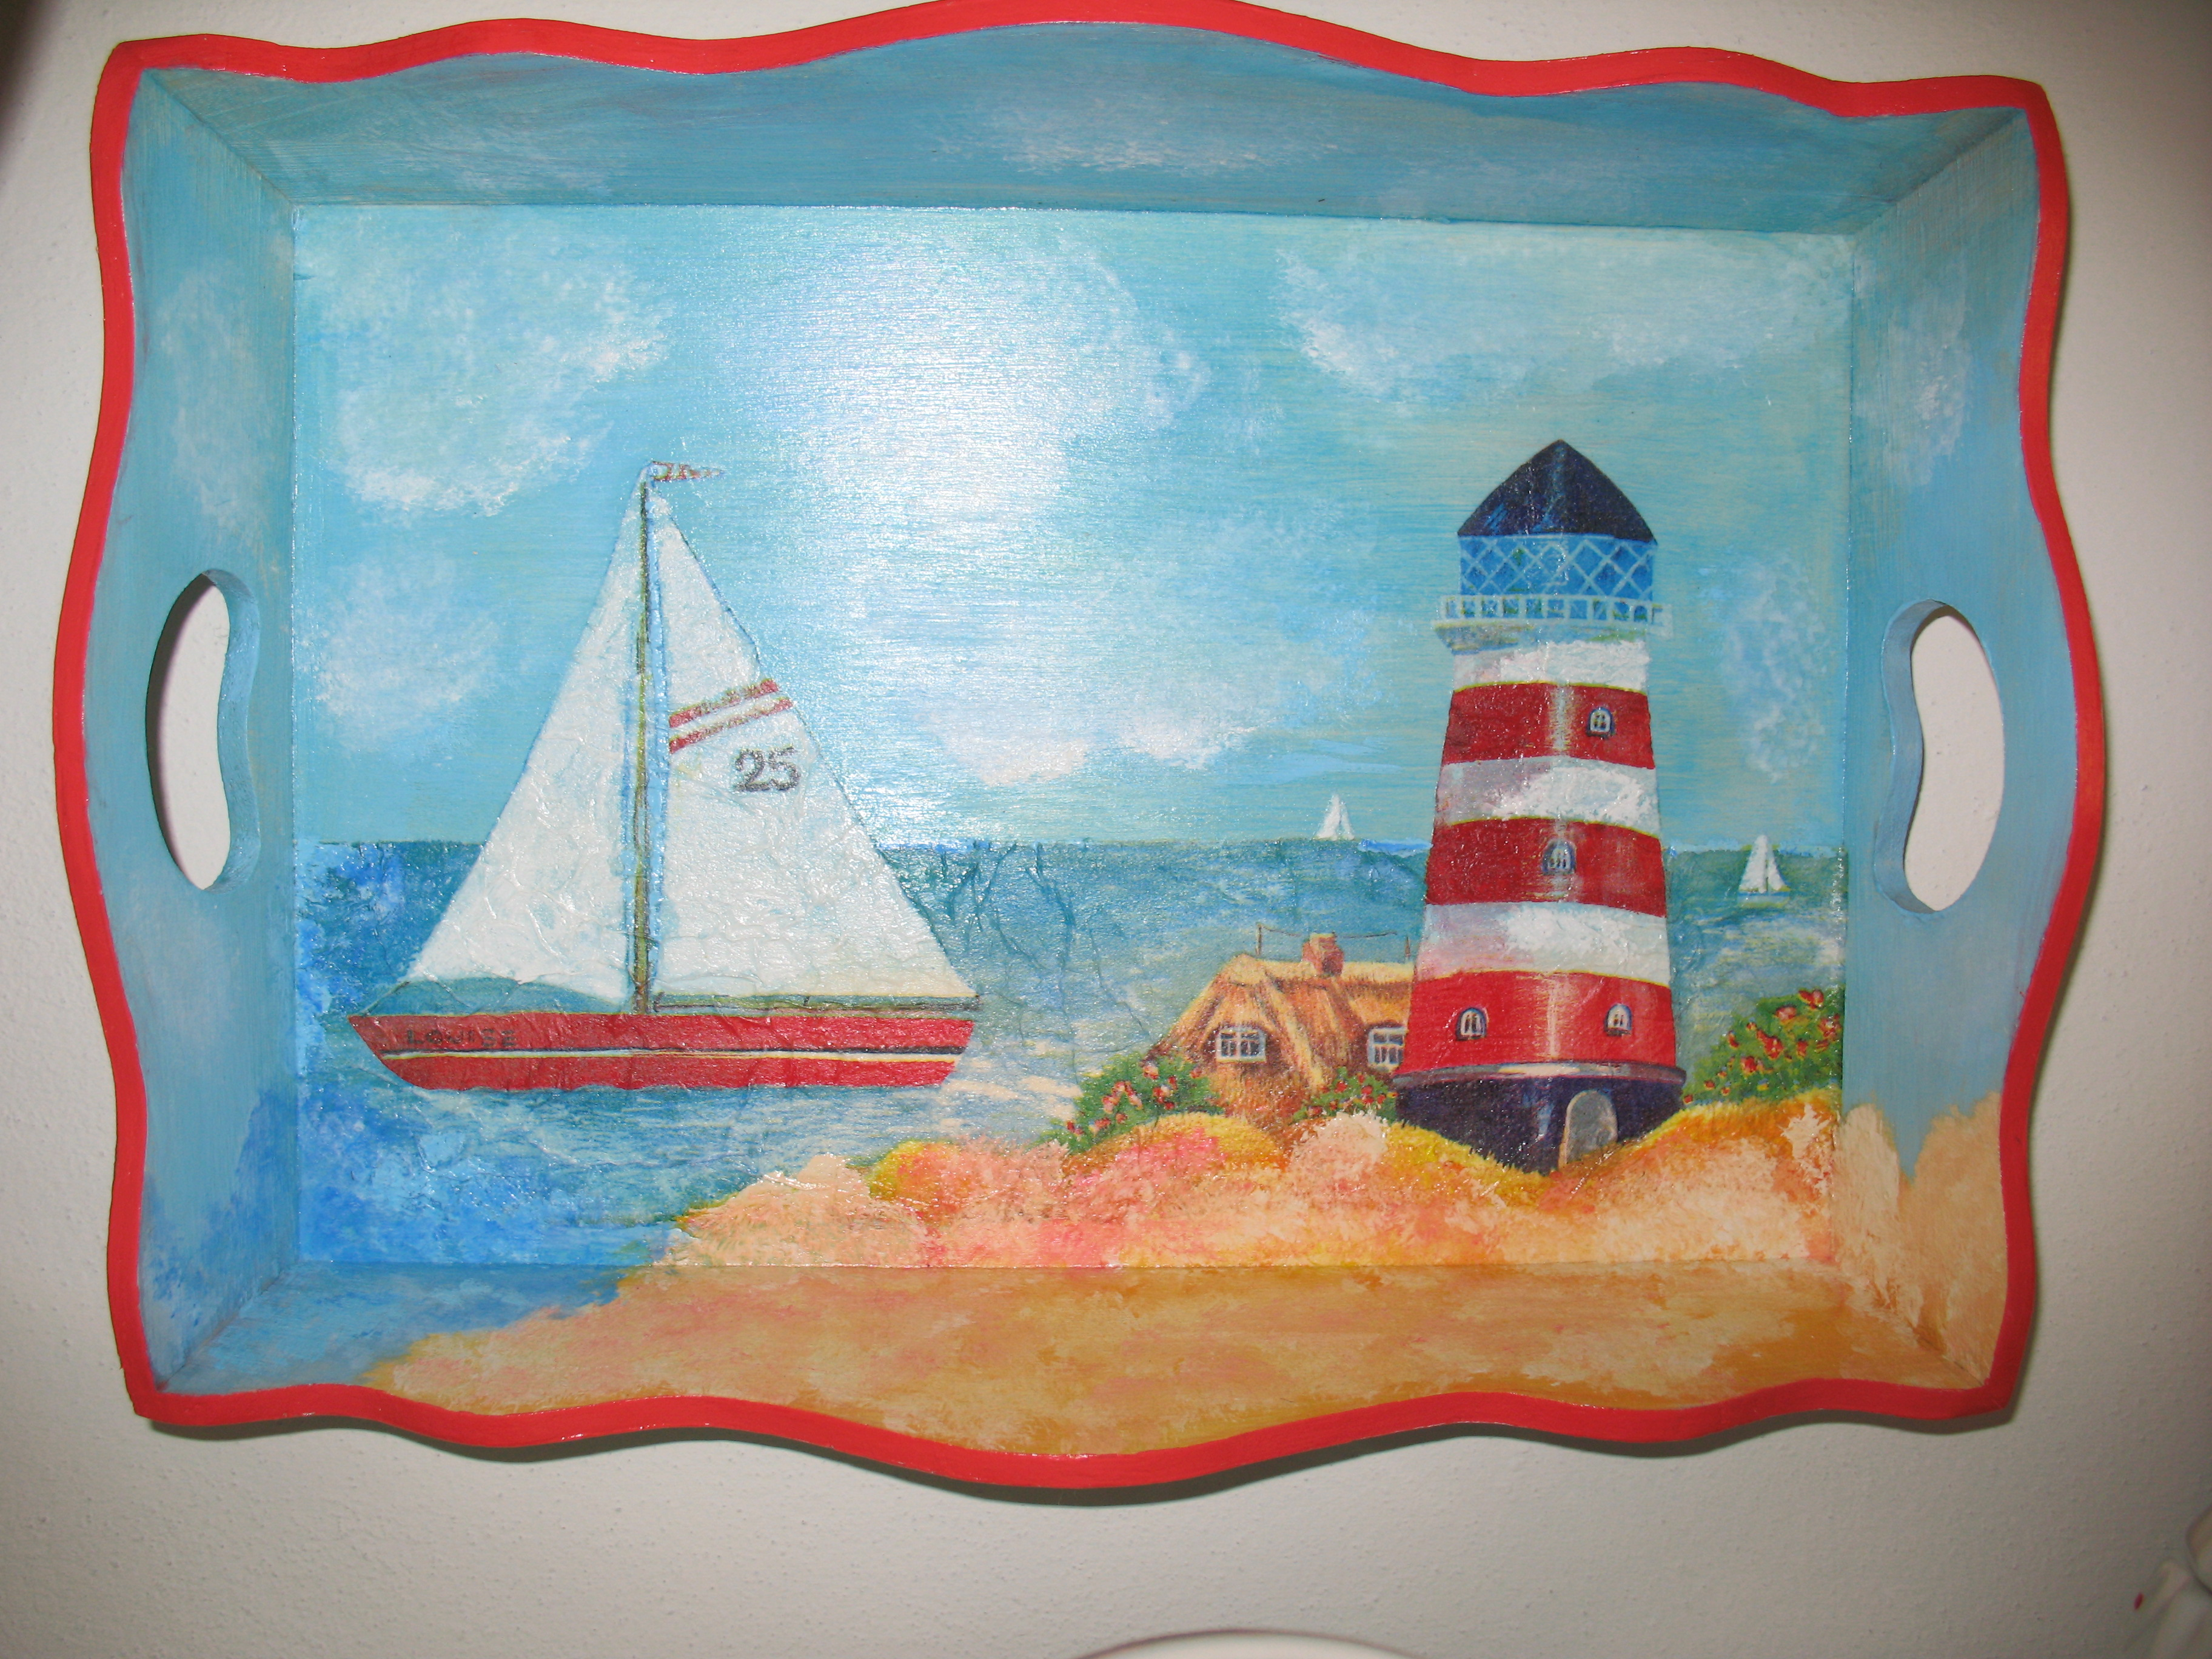 Vassoio con paesaggio marino dall 39 album di barbara69 for Disegni da colorare paesaggi marini